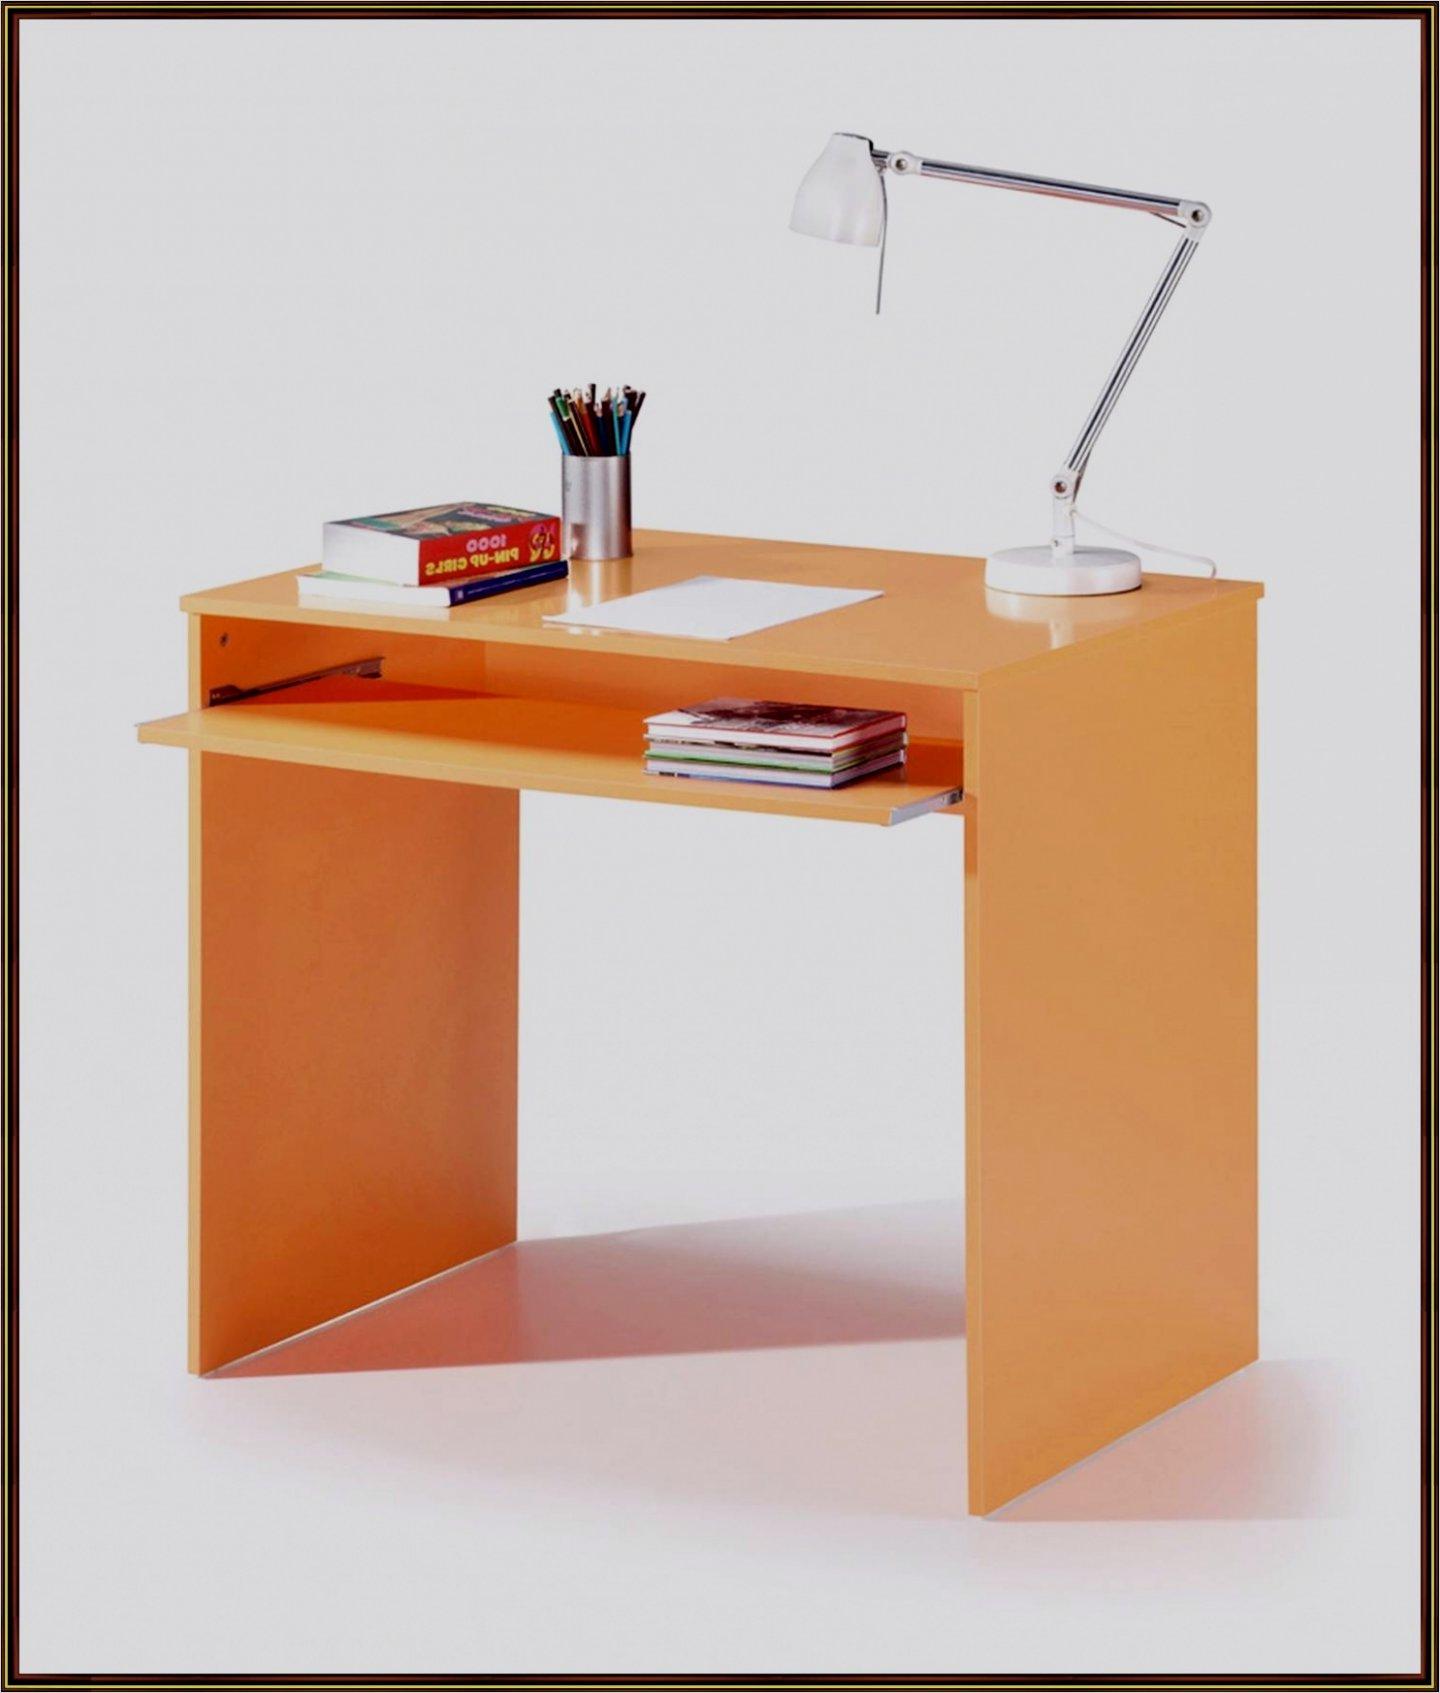 Mesas De Despacho Baratas Etdg Muebles Oficina Baratos Bello Inicio Mesas Despacho Baratas